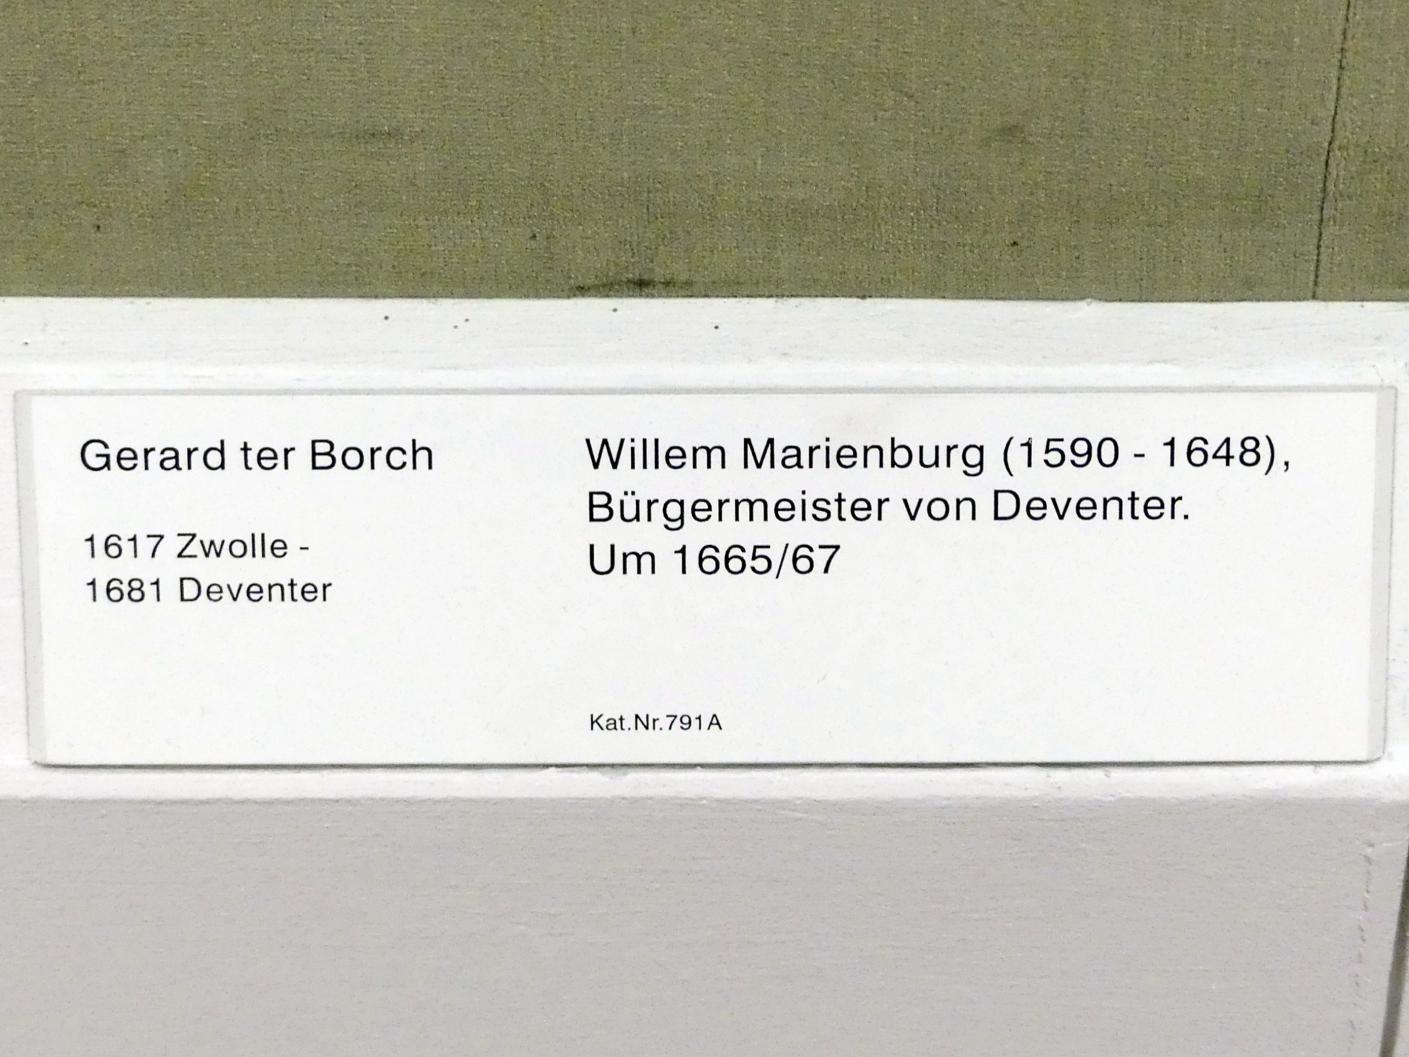 Gerard ter Borch: Willem Marienburg (1590-1648), Bürgermeister von Deventer, Um 1665 - 1667